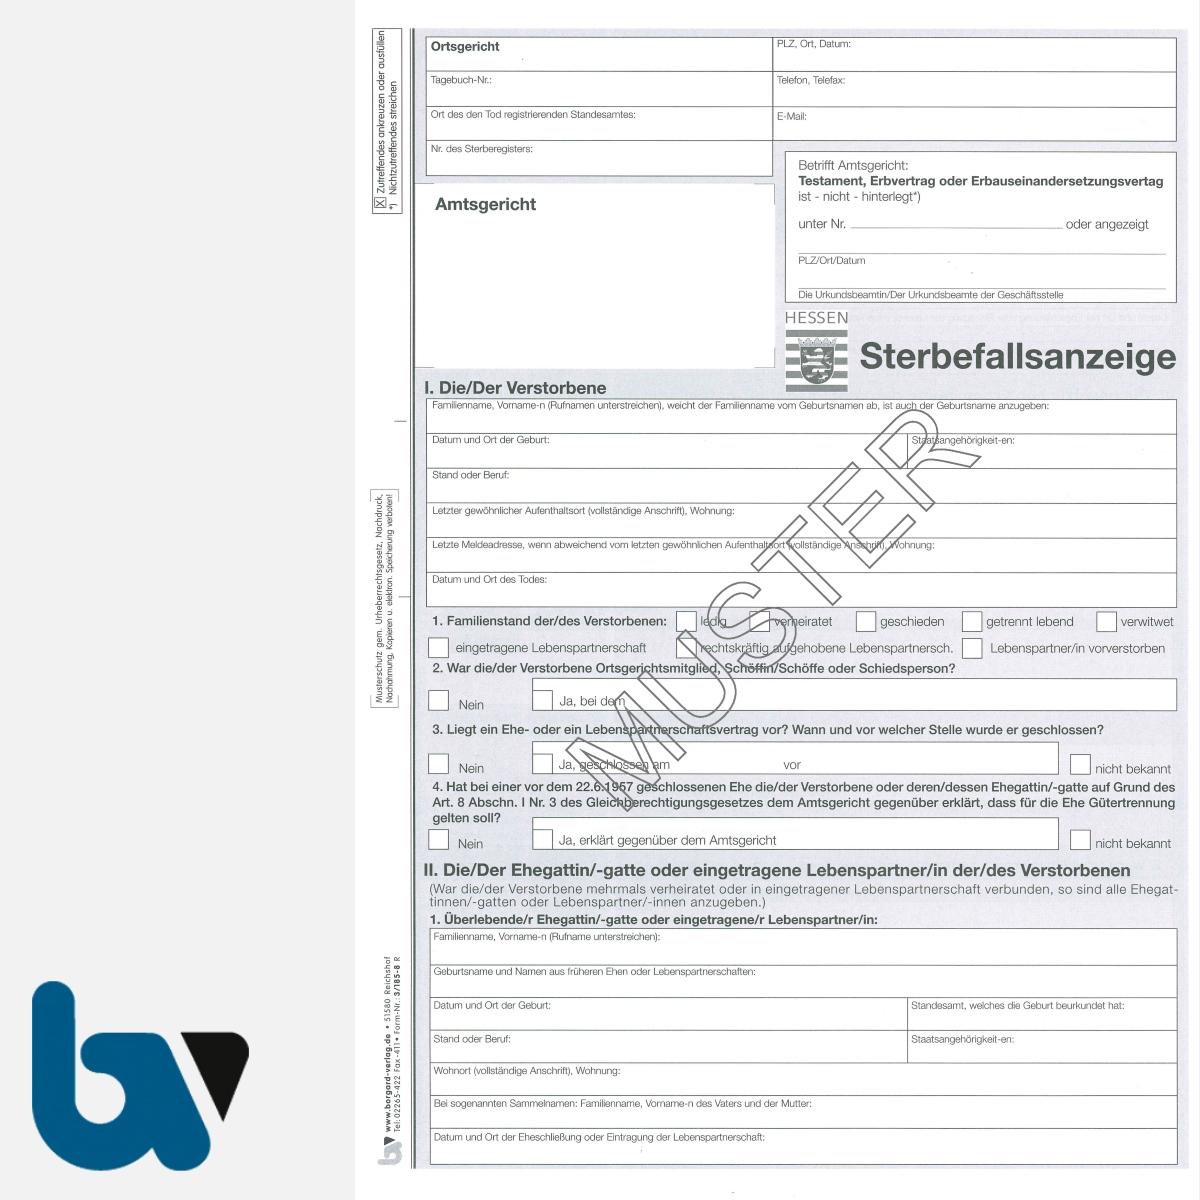 3/185-8 Sterbefallsanzeige Sterbefallanzeige Ortsgericht Hessen Muster amtlich mit Durchschrift Kopie DIN A4 Seite 1 | Borgard Verlag GmbH